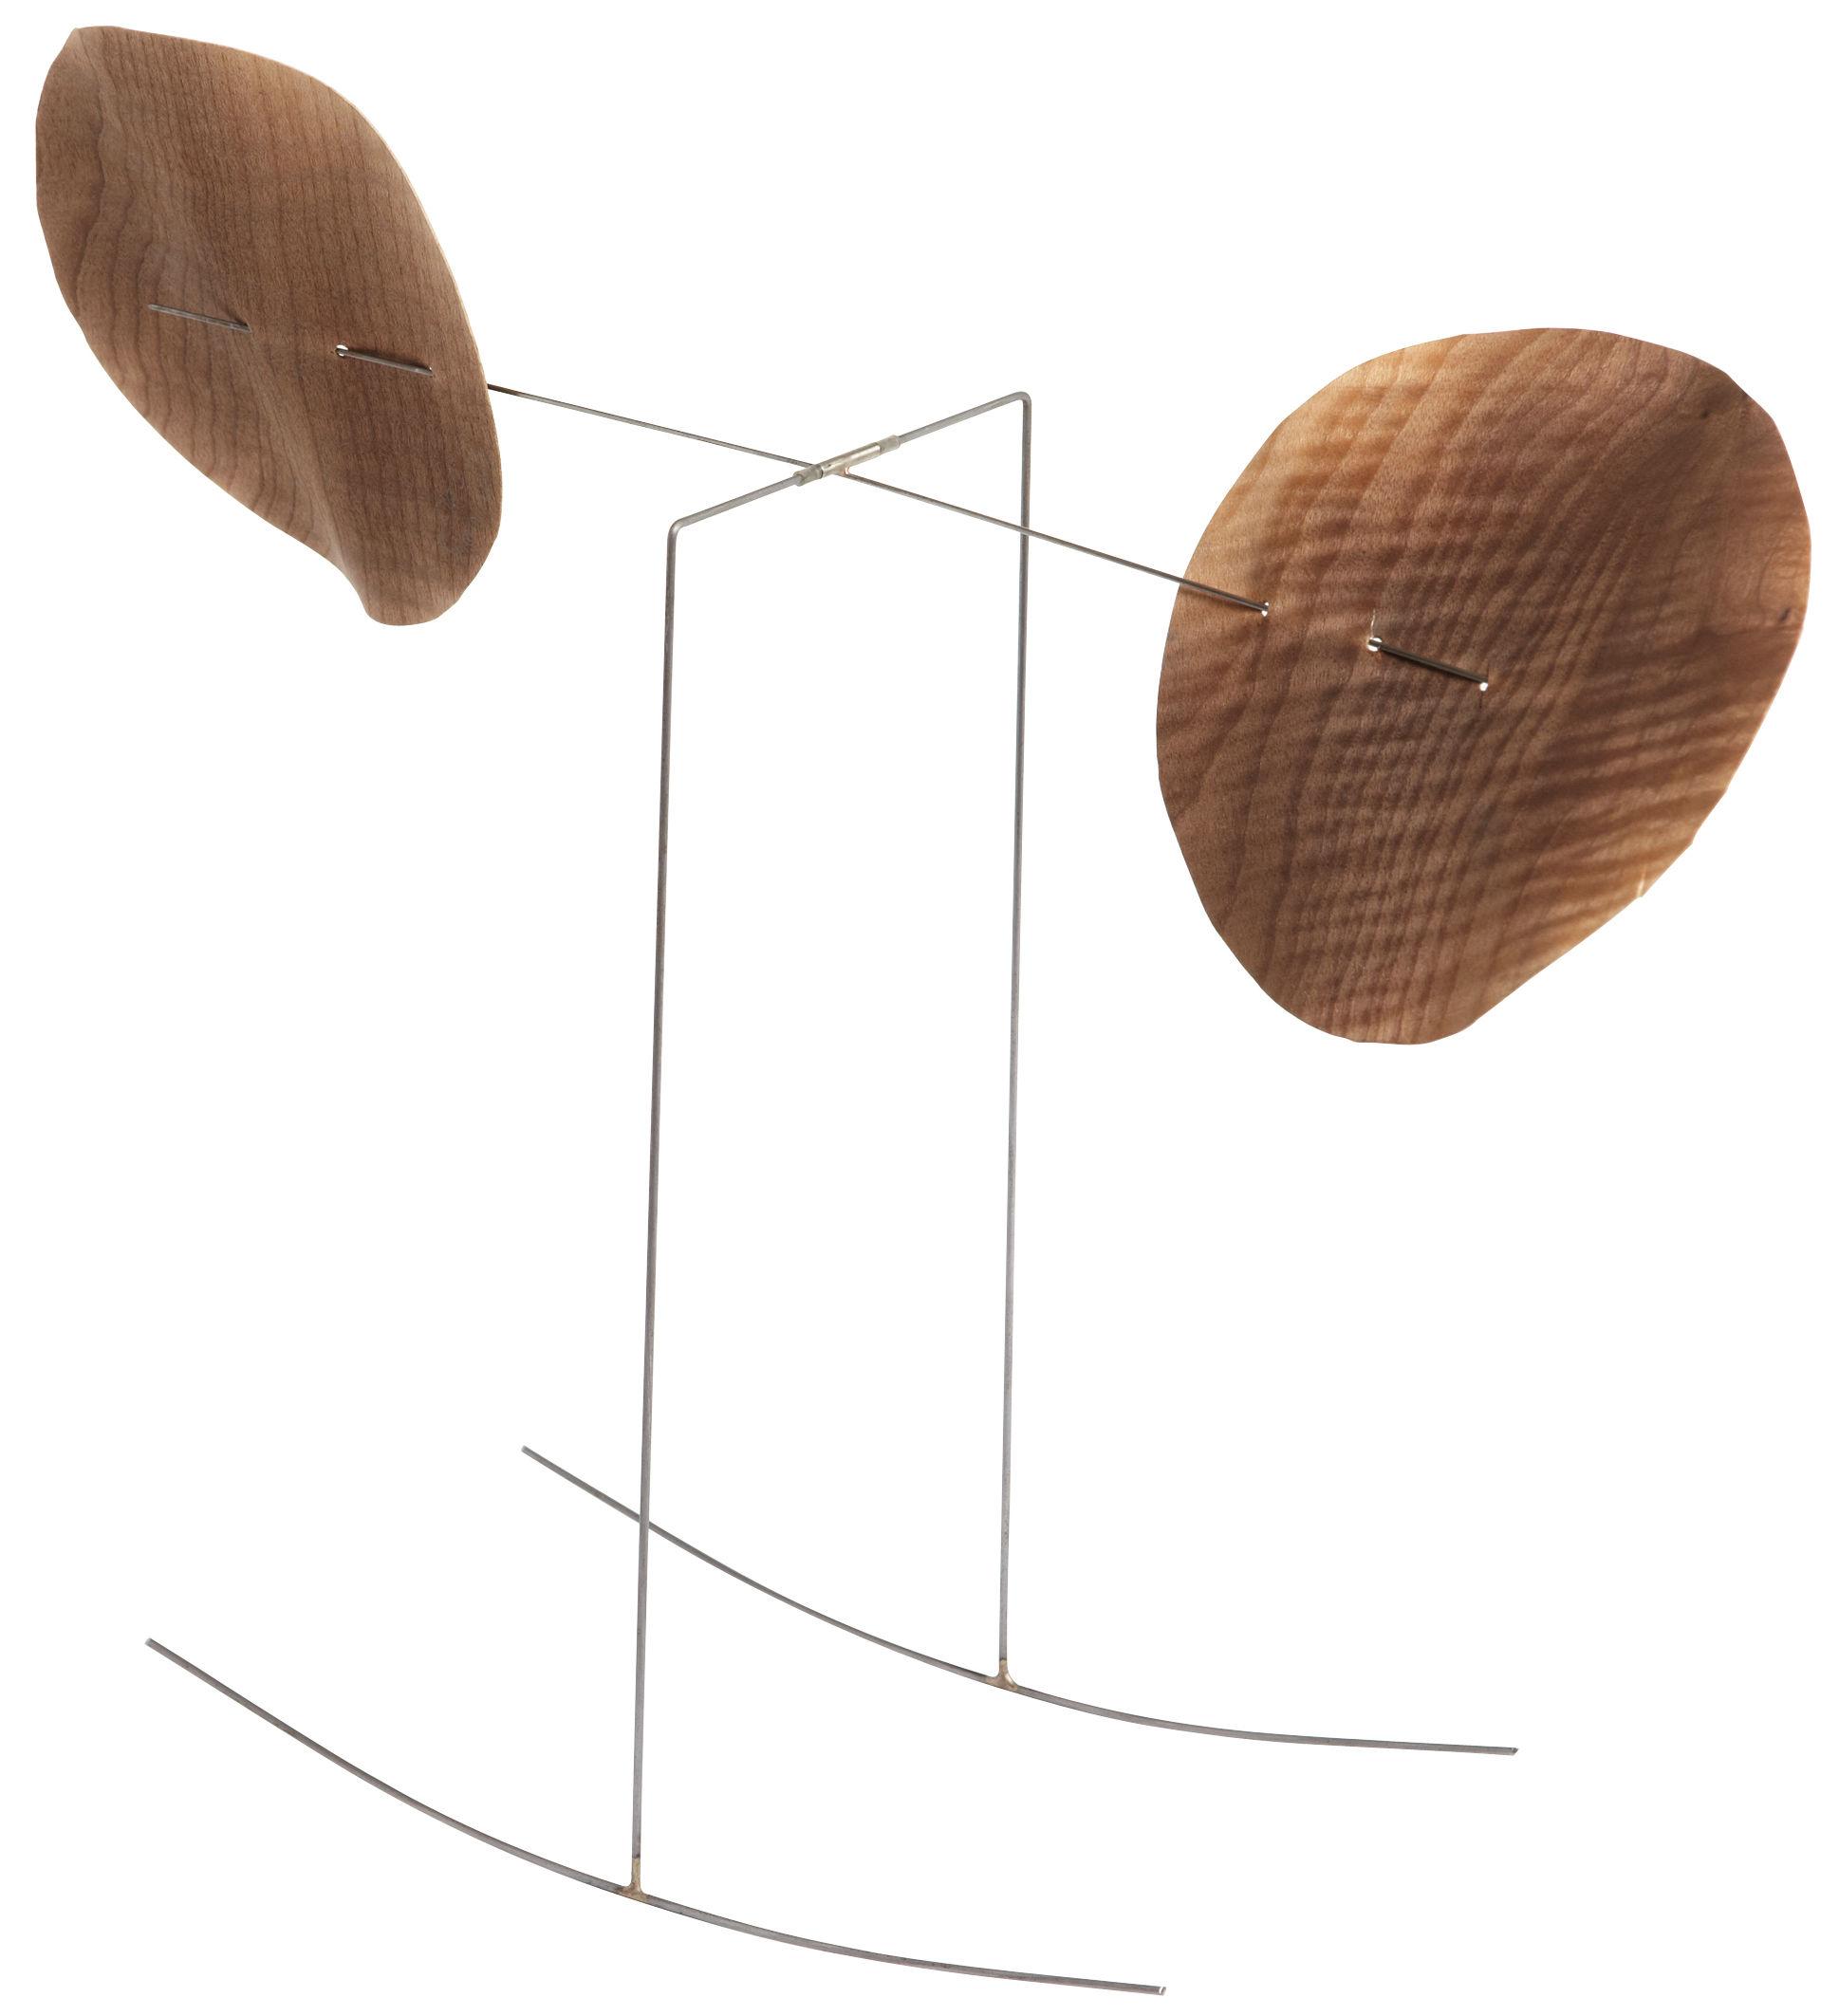 Déco - Objets déco et cadres-photos - Mobile à bascule / Edition limitée à 100 exemplaires et signée - L'atelier d'exercices - Frêne toasté - Corde à piano, Frêne